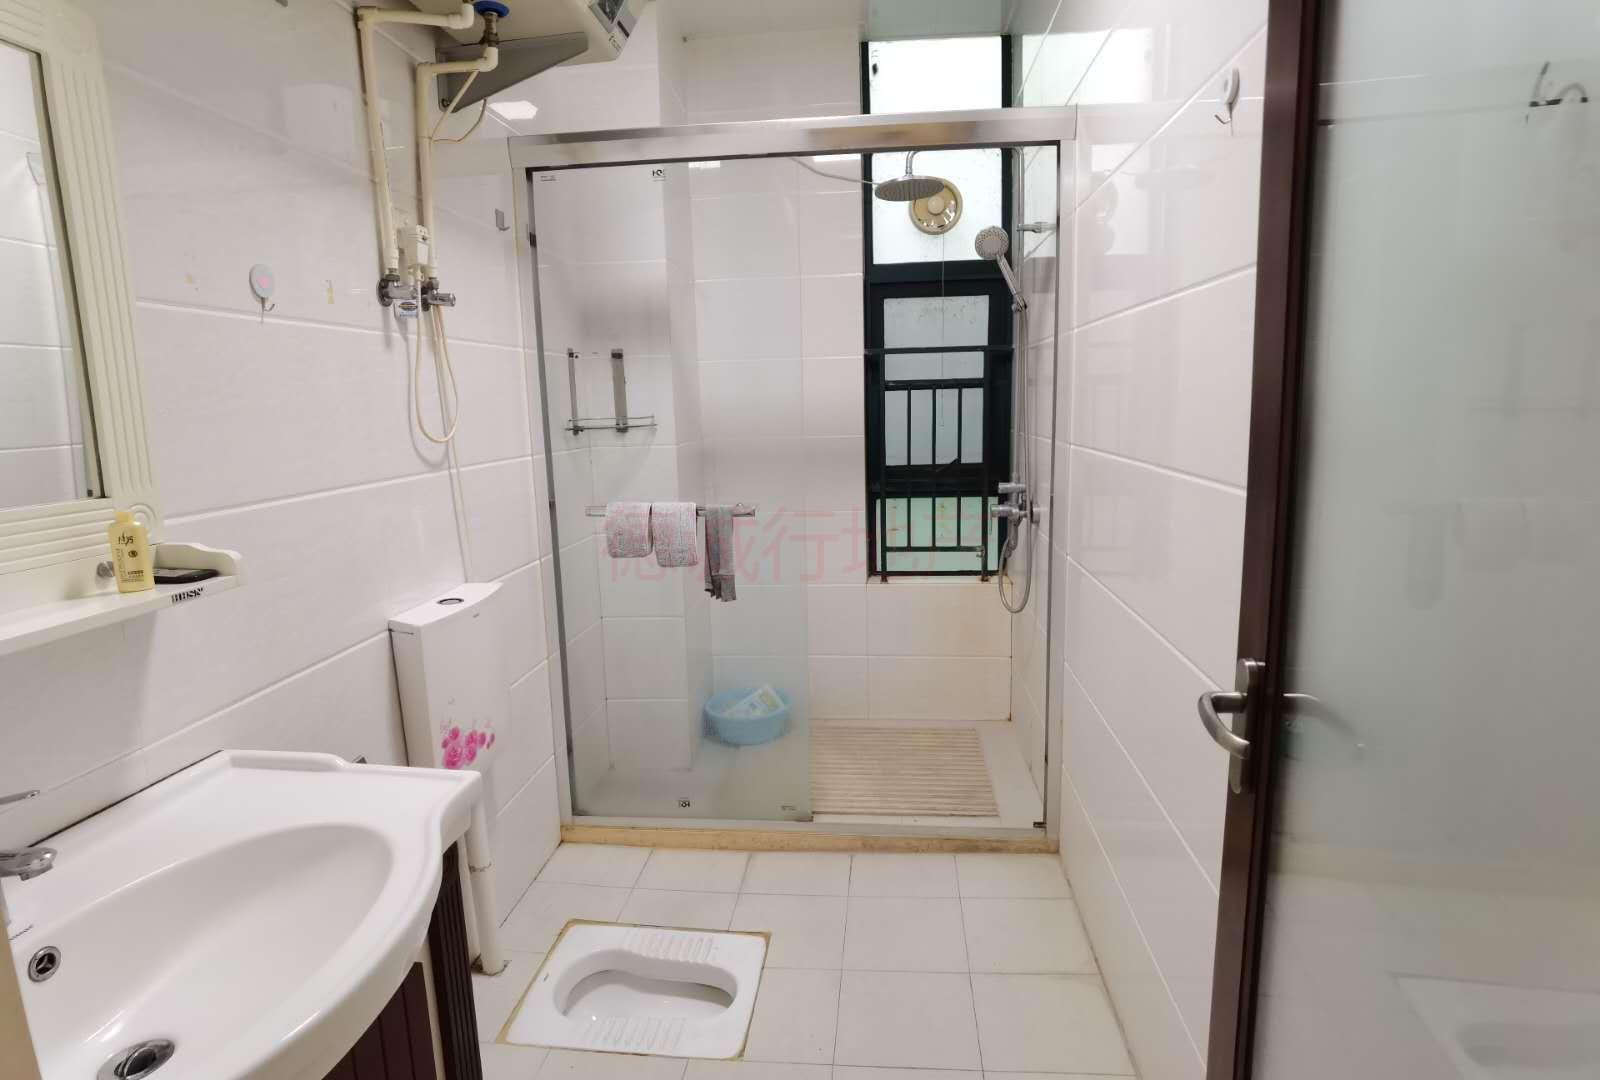 广州雅居乐雅逸庭3室2厅2卫南朝向仅545万元